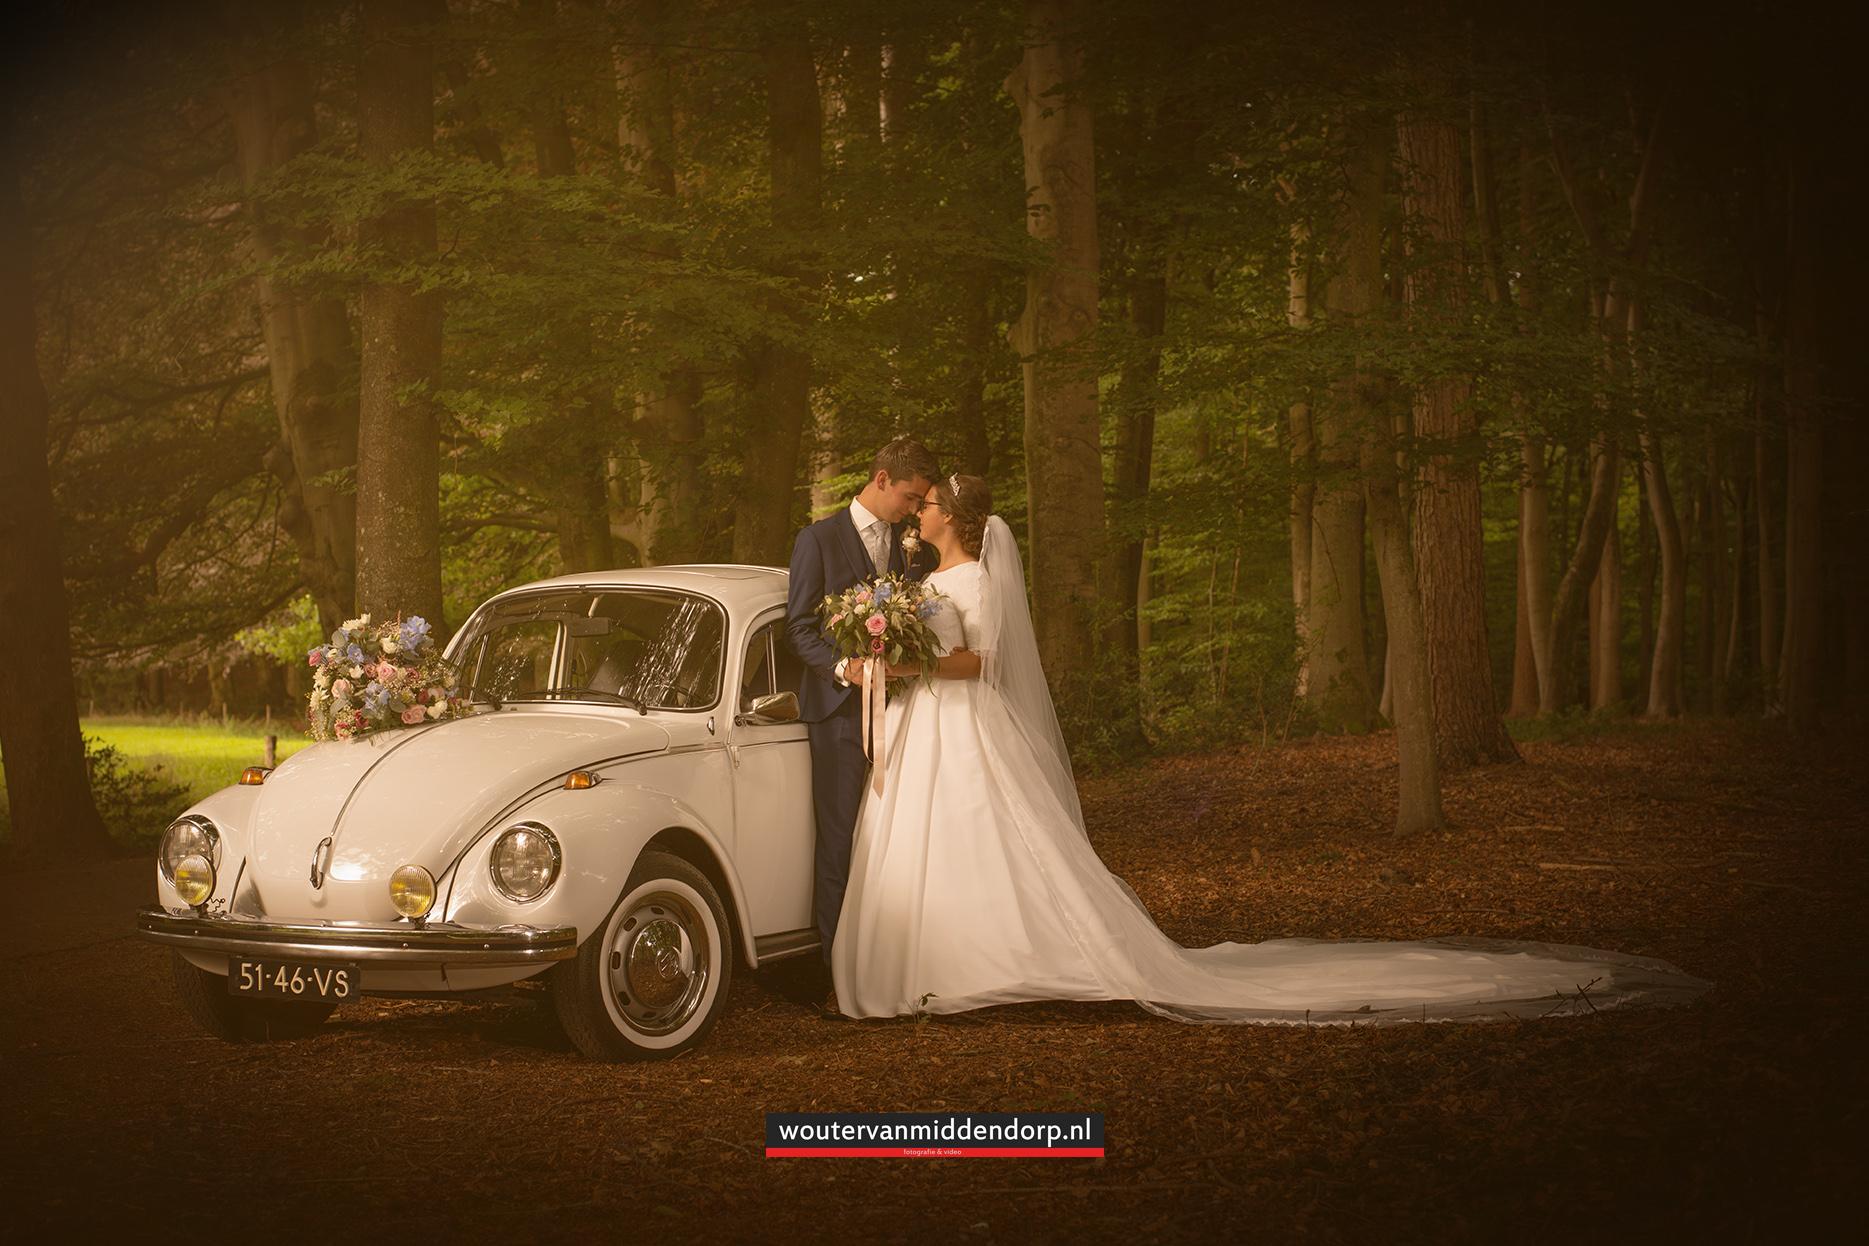 Wouter van Middendorp 2 bruidsfotografie